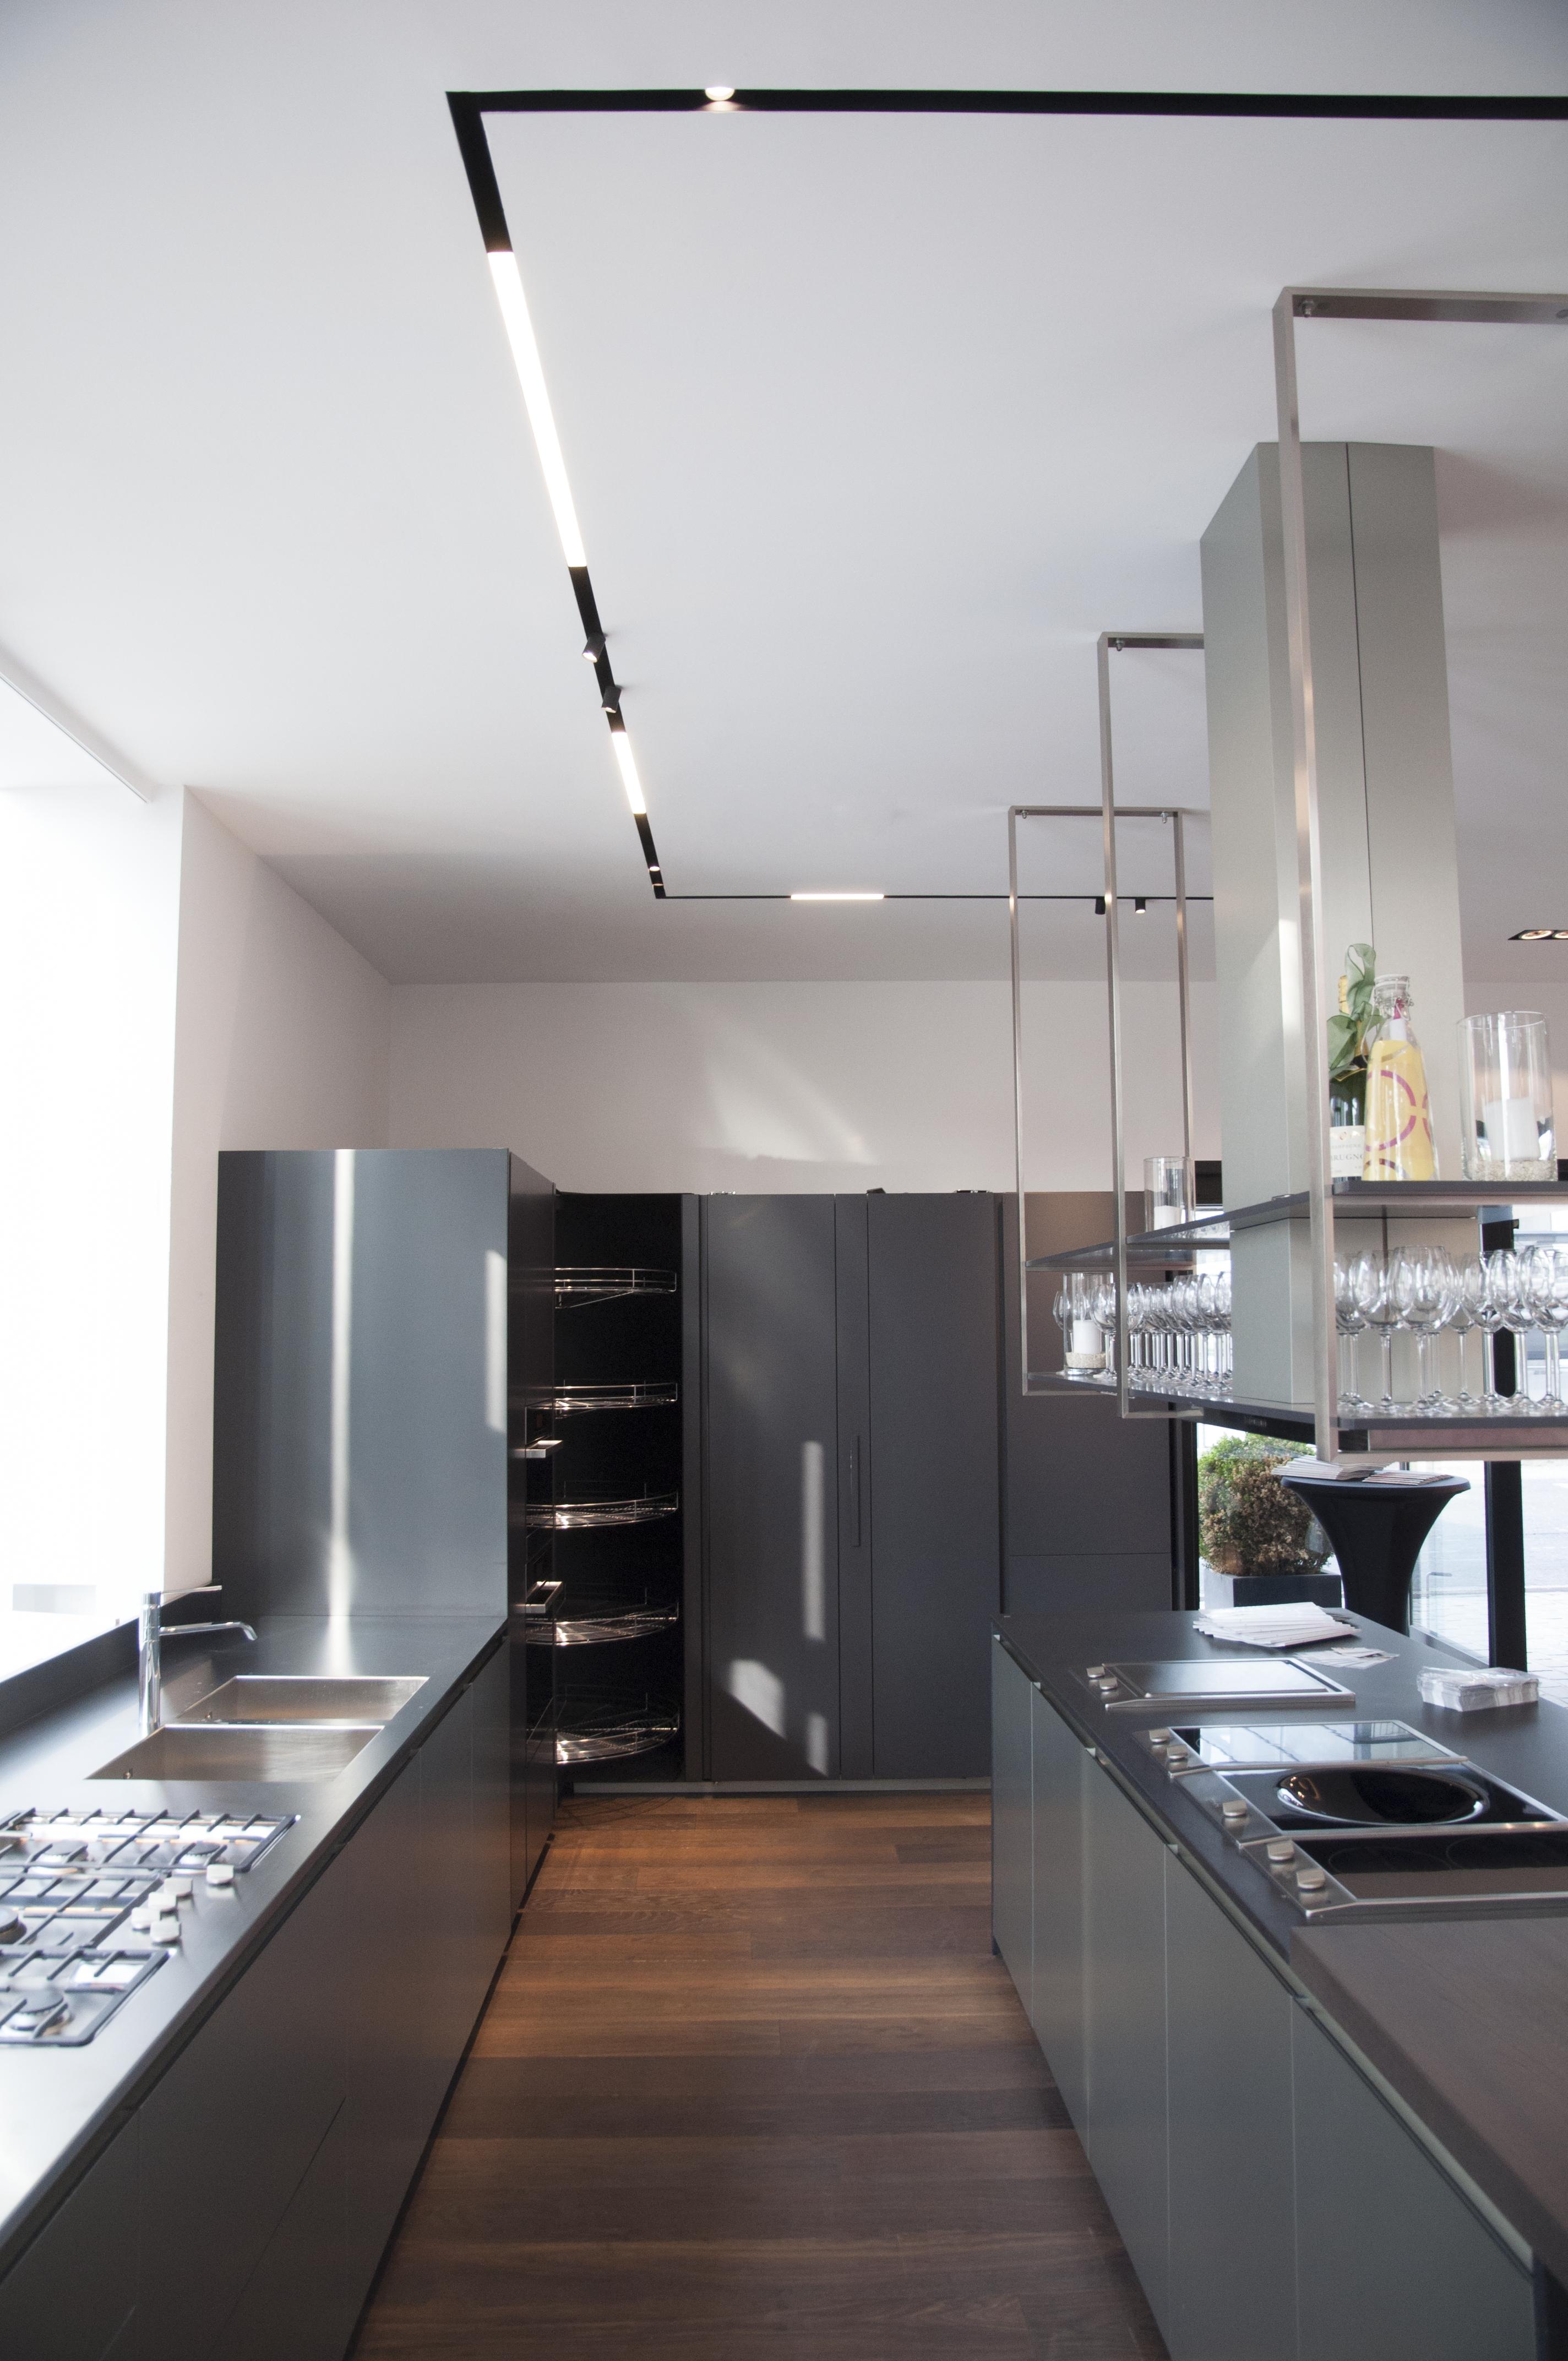 L'applicazione del sistema magnetico con una doppia tipologia di apparecchi di illuminazione ad esso collegati risolve le problematiche spaziali e funzionali di vari ambiti nell'Interior Design degli spazi nel residenziale, come la zona cucina e le zone di passaggio (sistema The Running Magnet, di Flos) (courtesy photo: Flos)